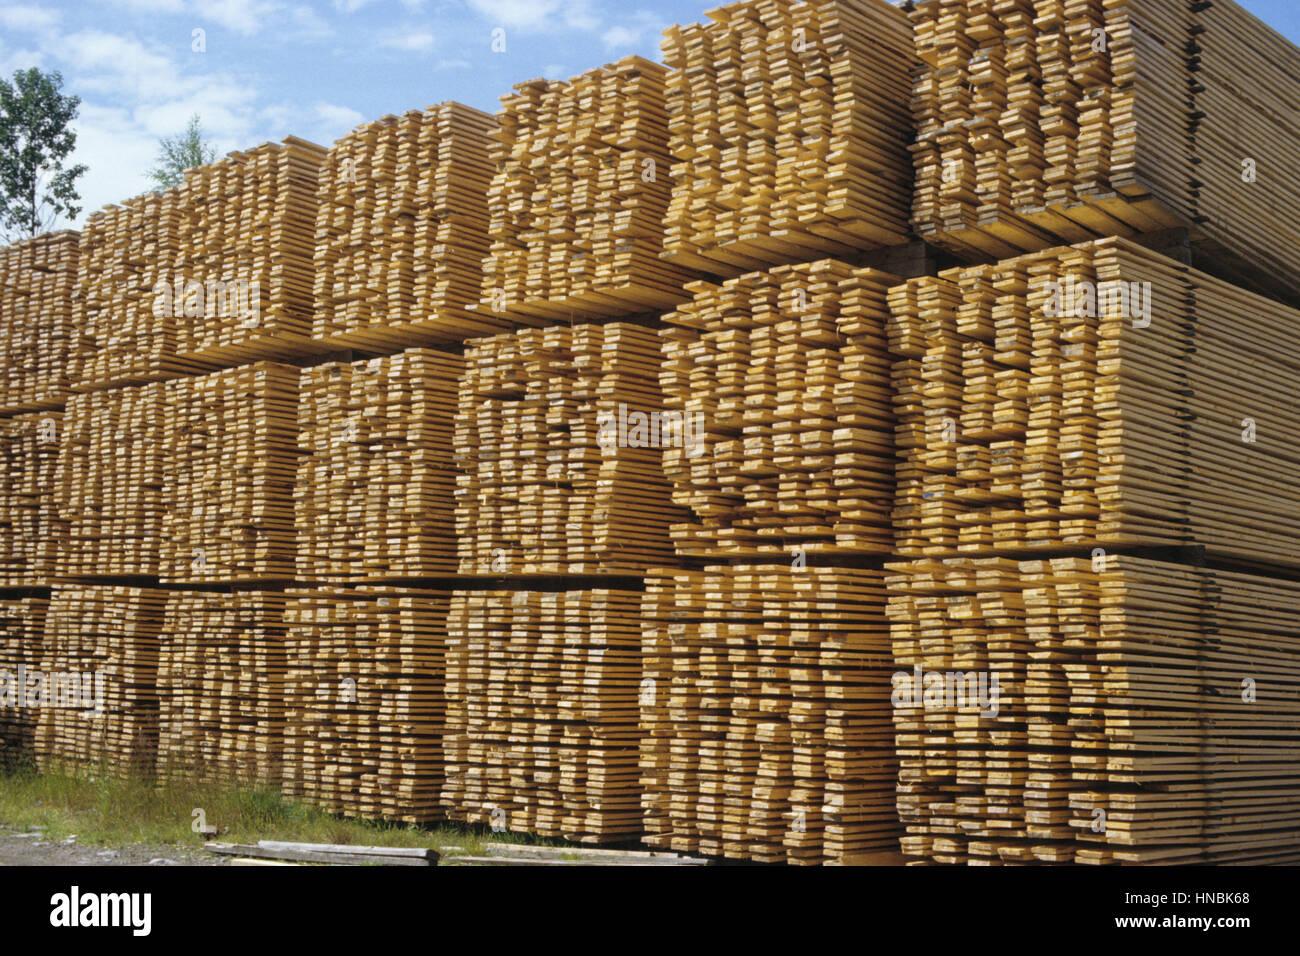 Los productos de madera aserrada para el secado y apilados esperando para exportación Imagen De Stock